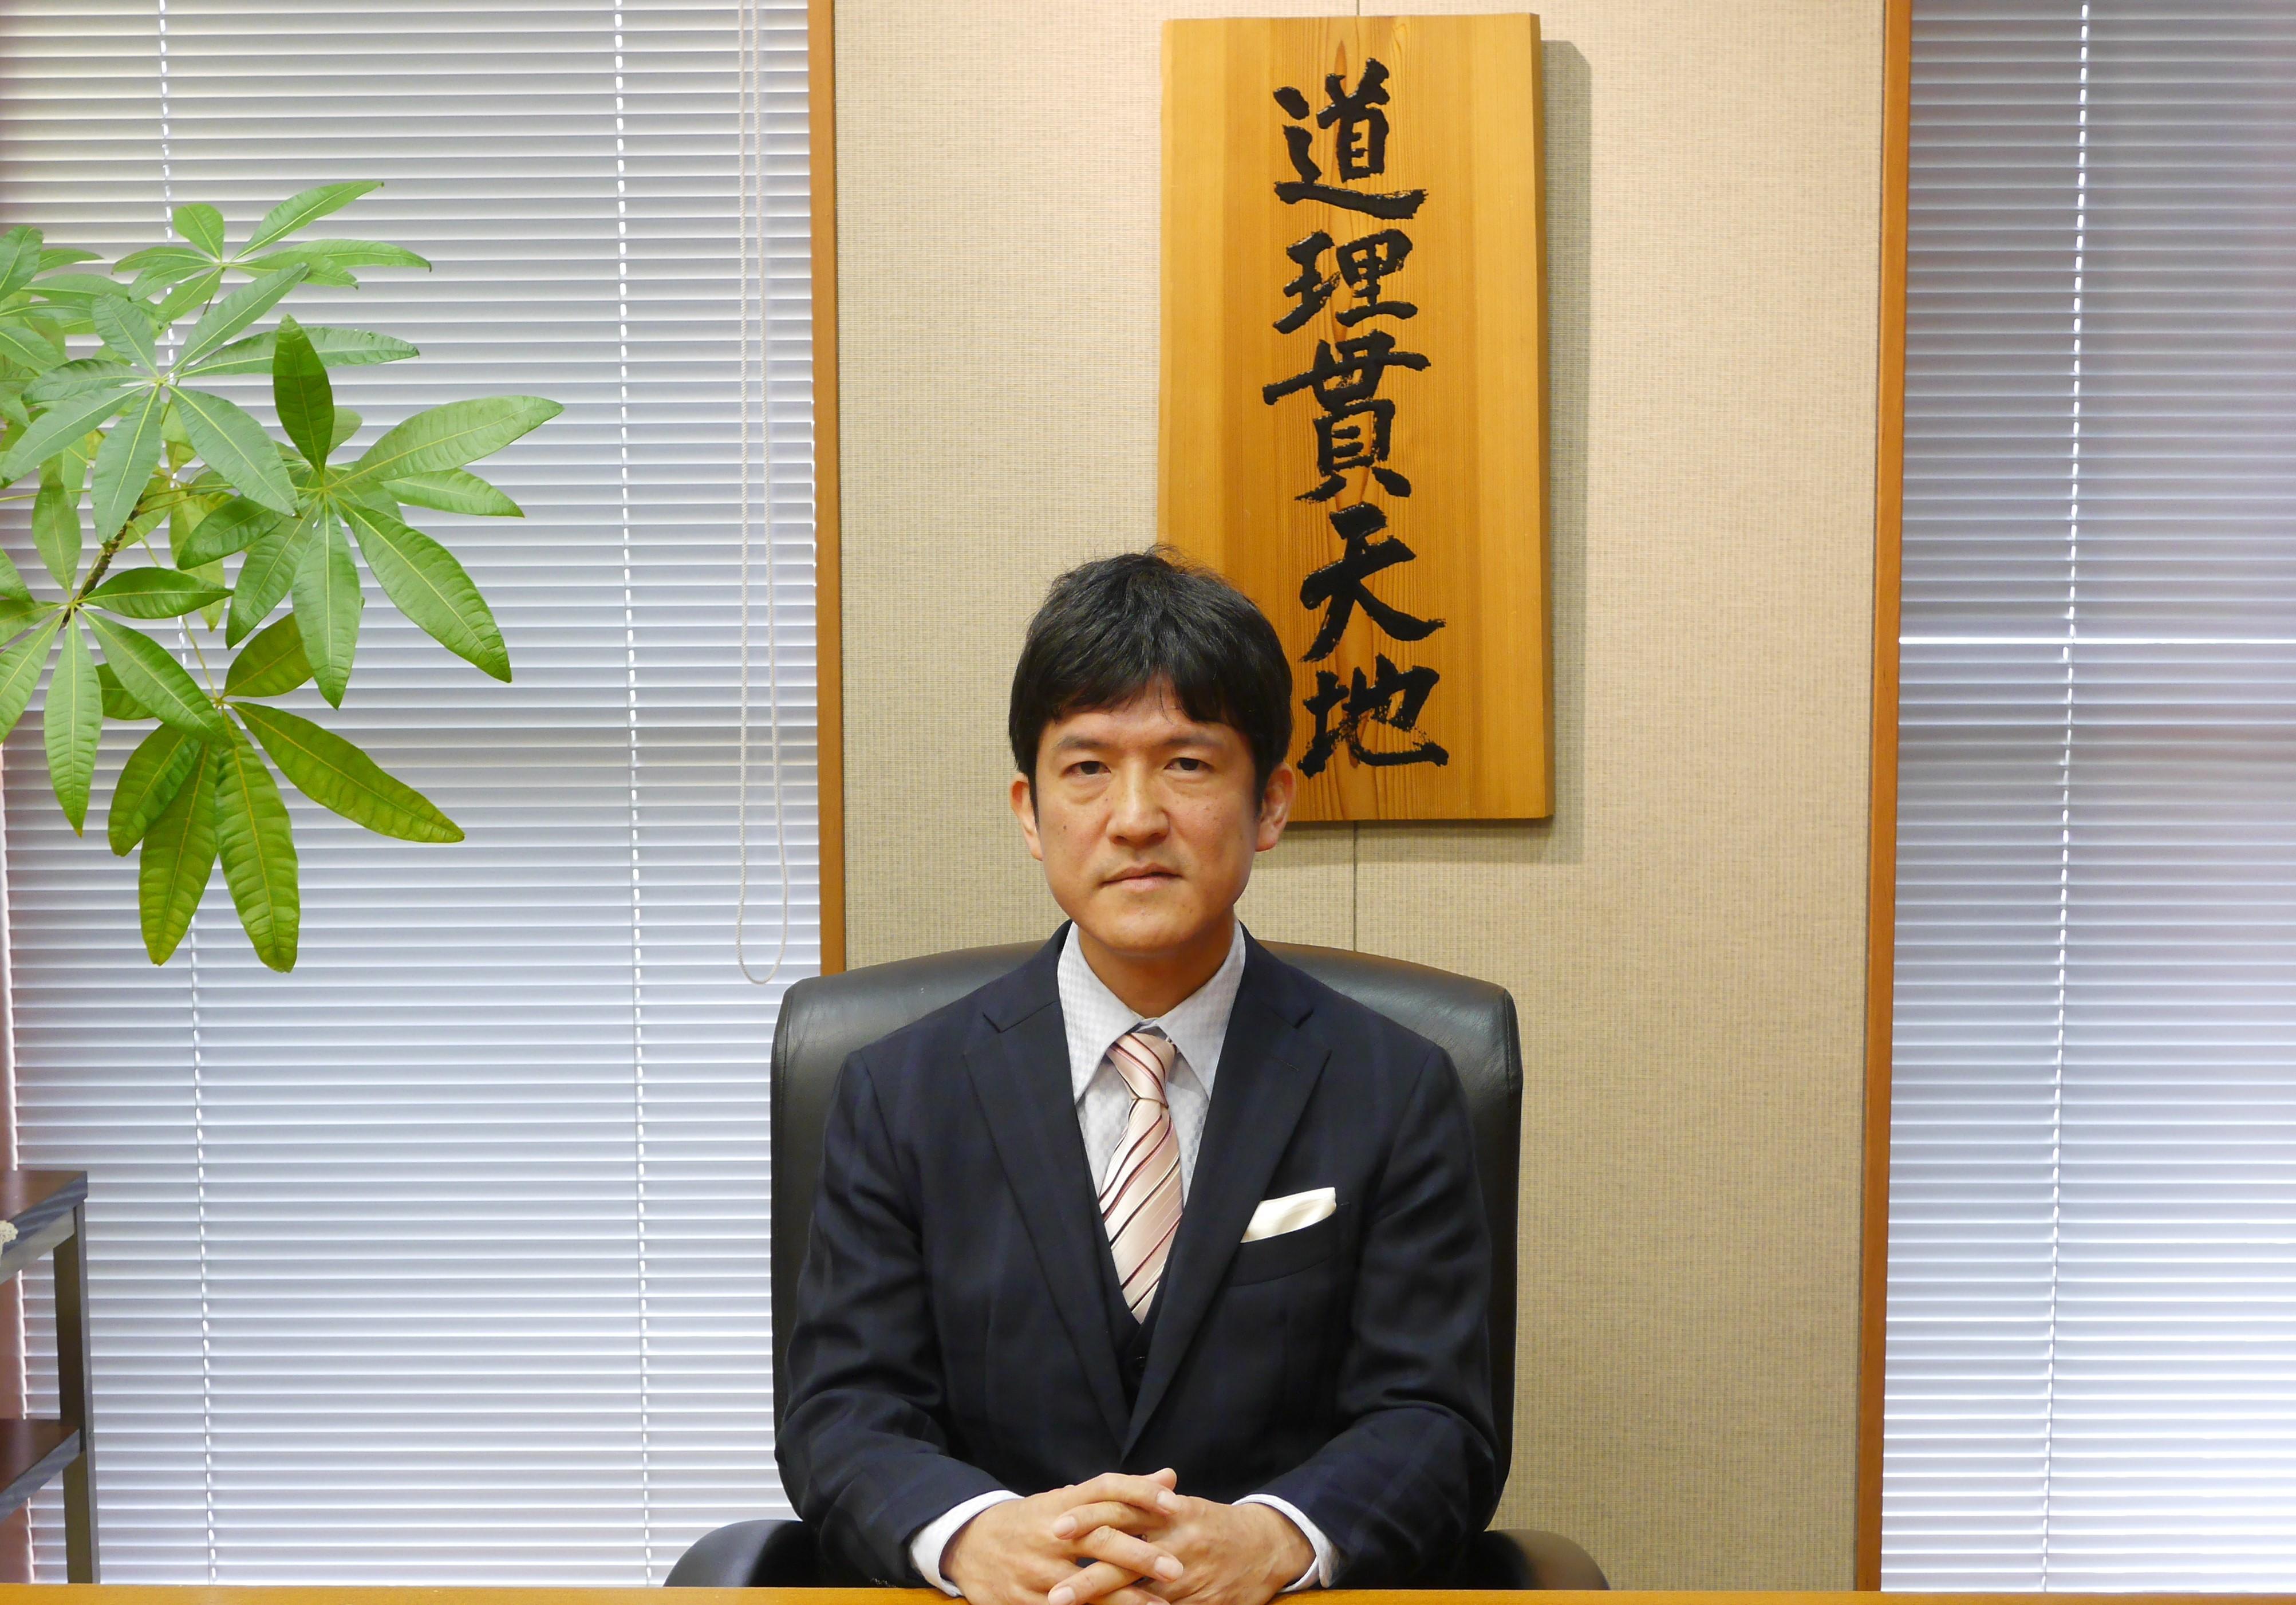 大阪経済大学 新入生に向けてメッセージページを開設。4月8日には緊急事態宣言を受けて学長メッセージを配信。 -- 新型コロナウイルス感染拡大による影響で